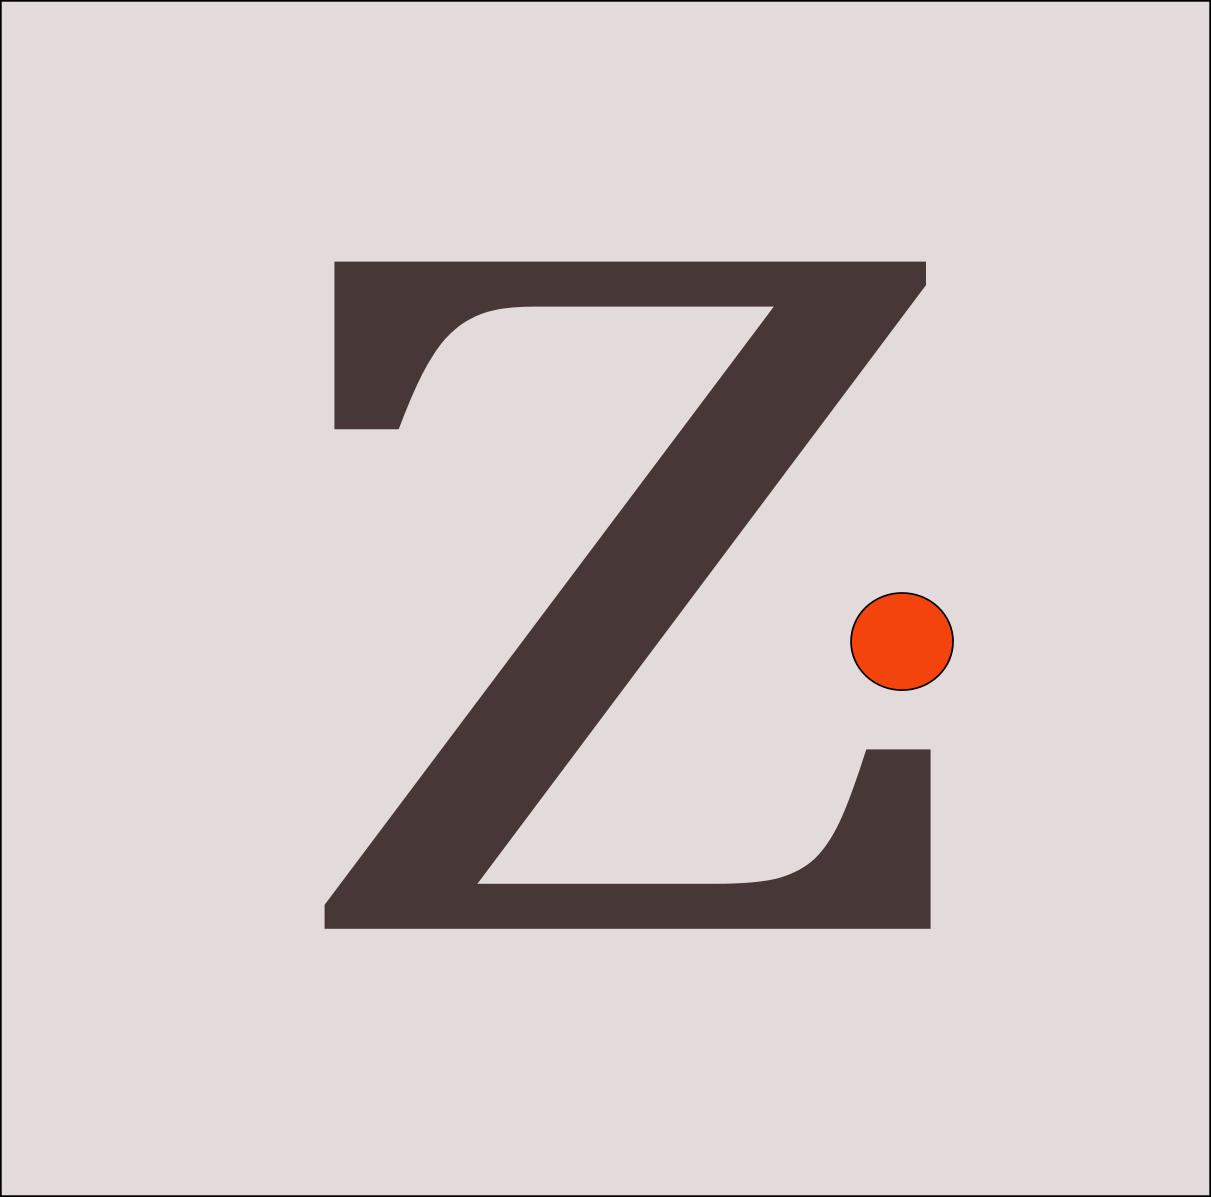 Avatar - ZinfozBx